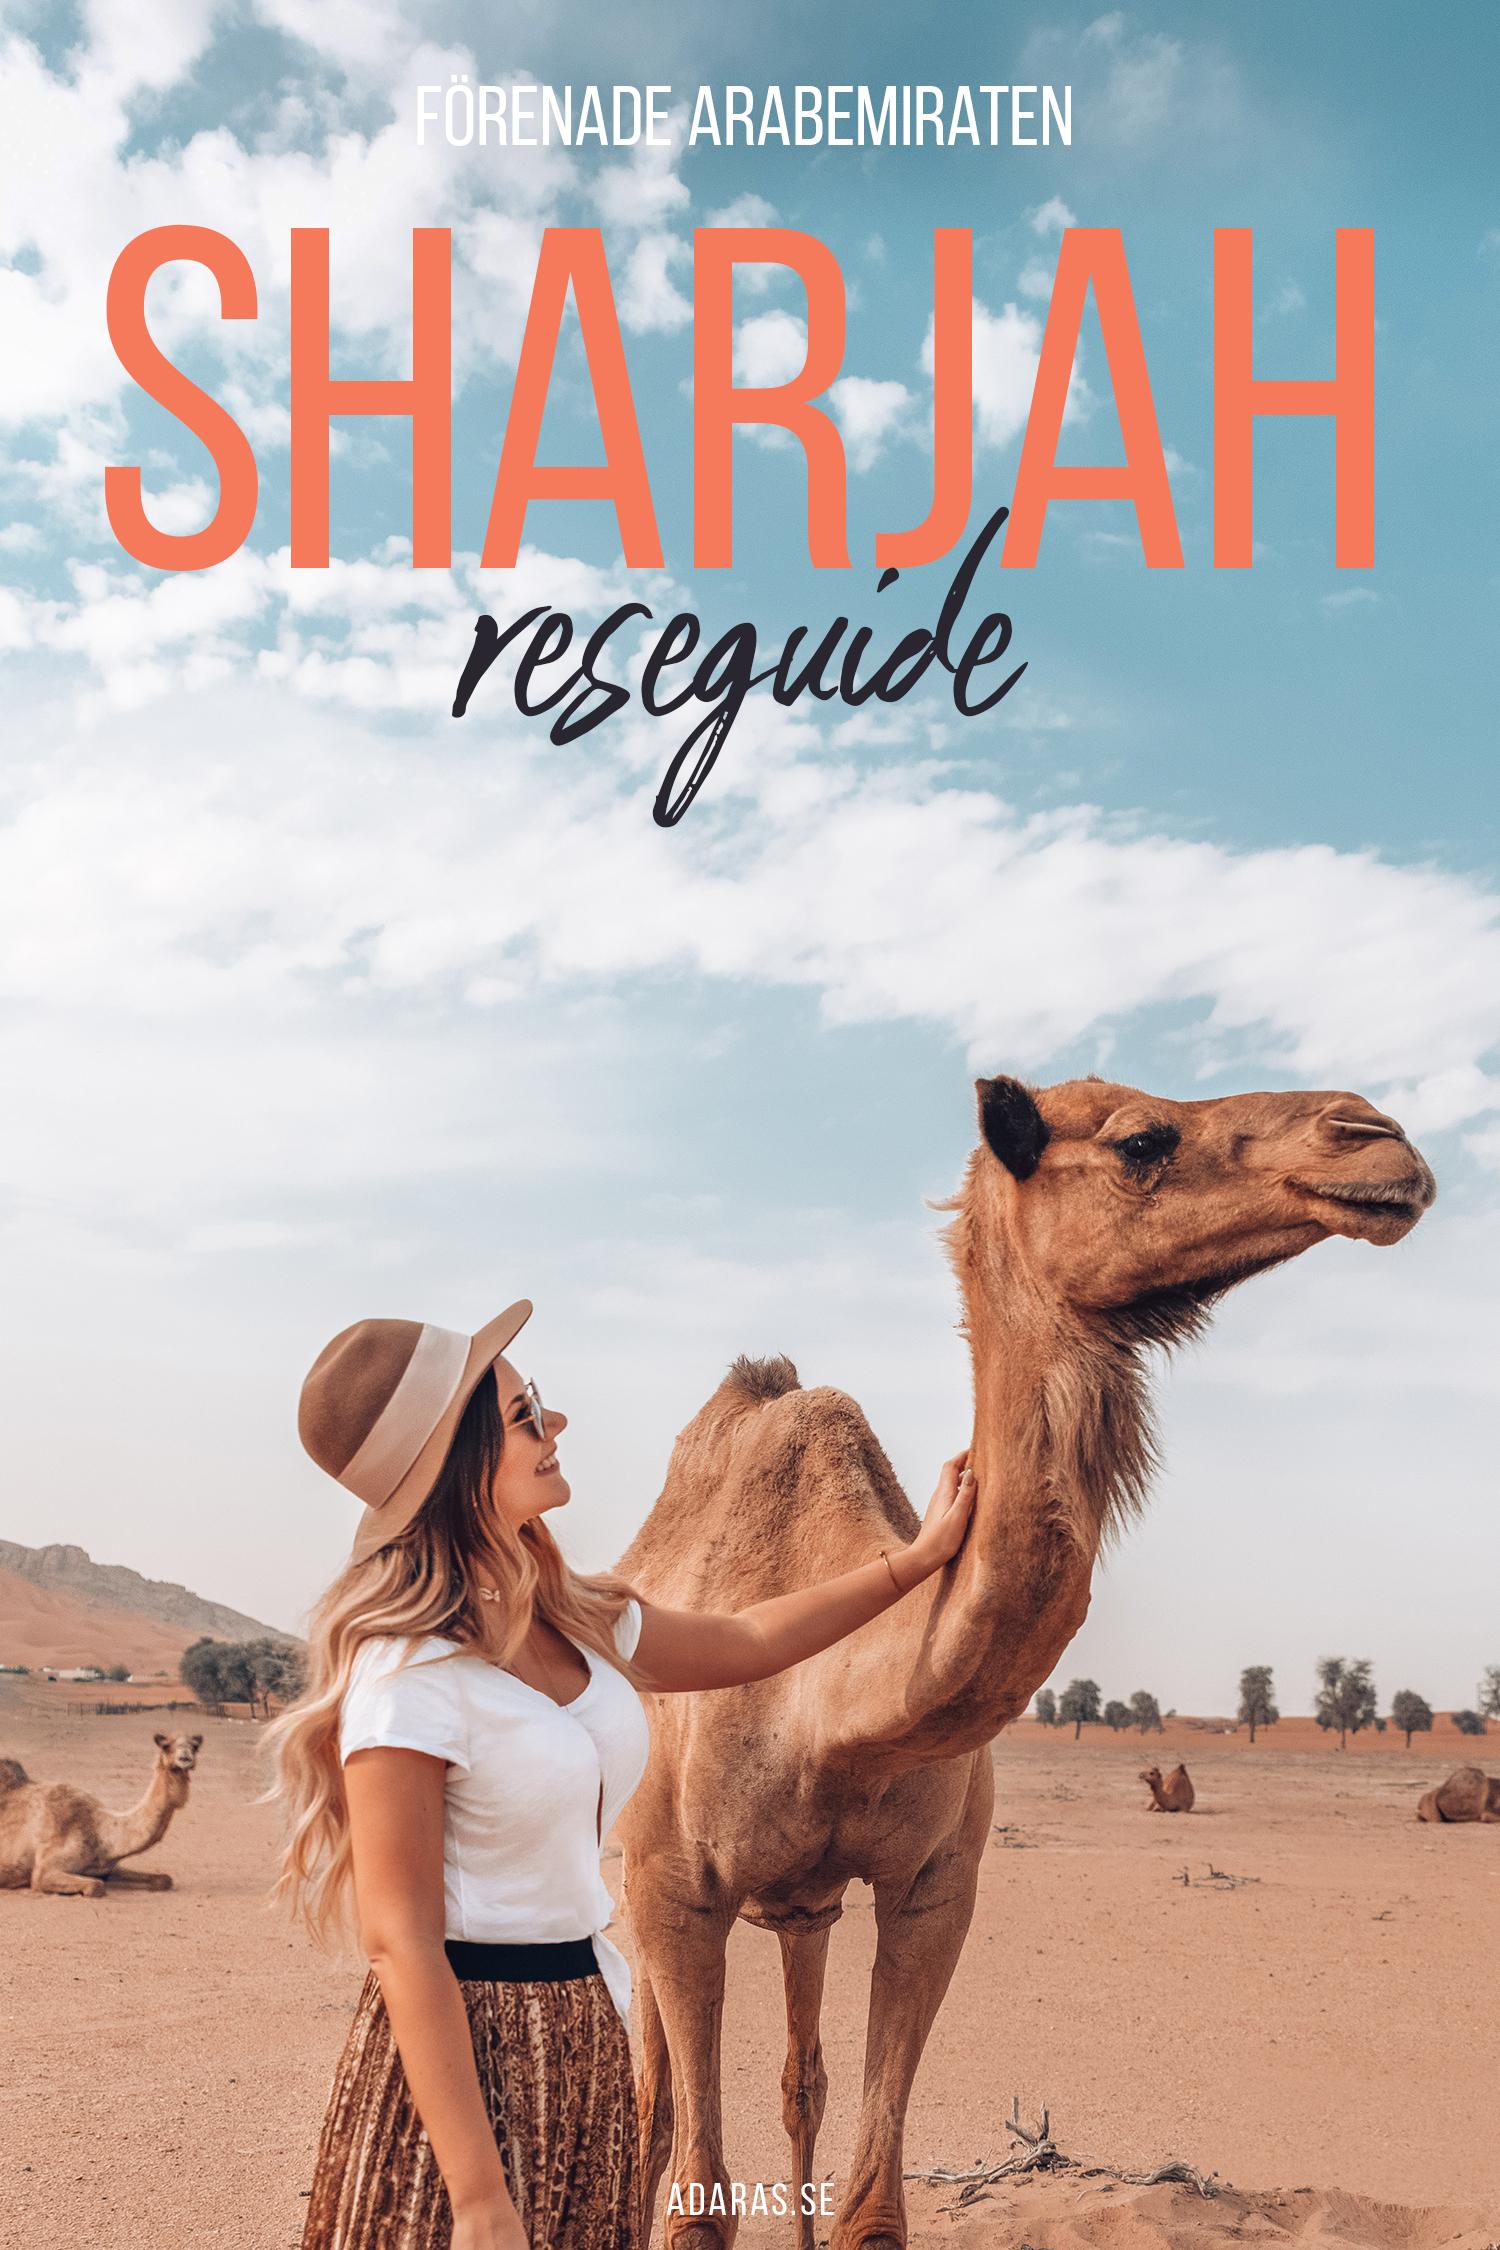 Reseguide - Saker att göra i Sharjah, UAE